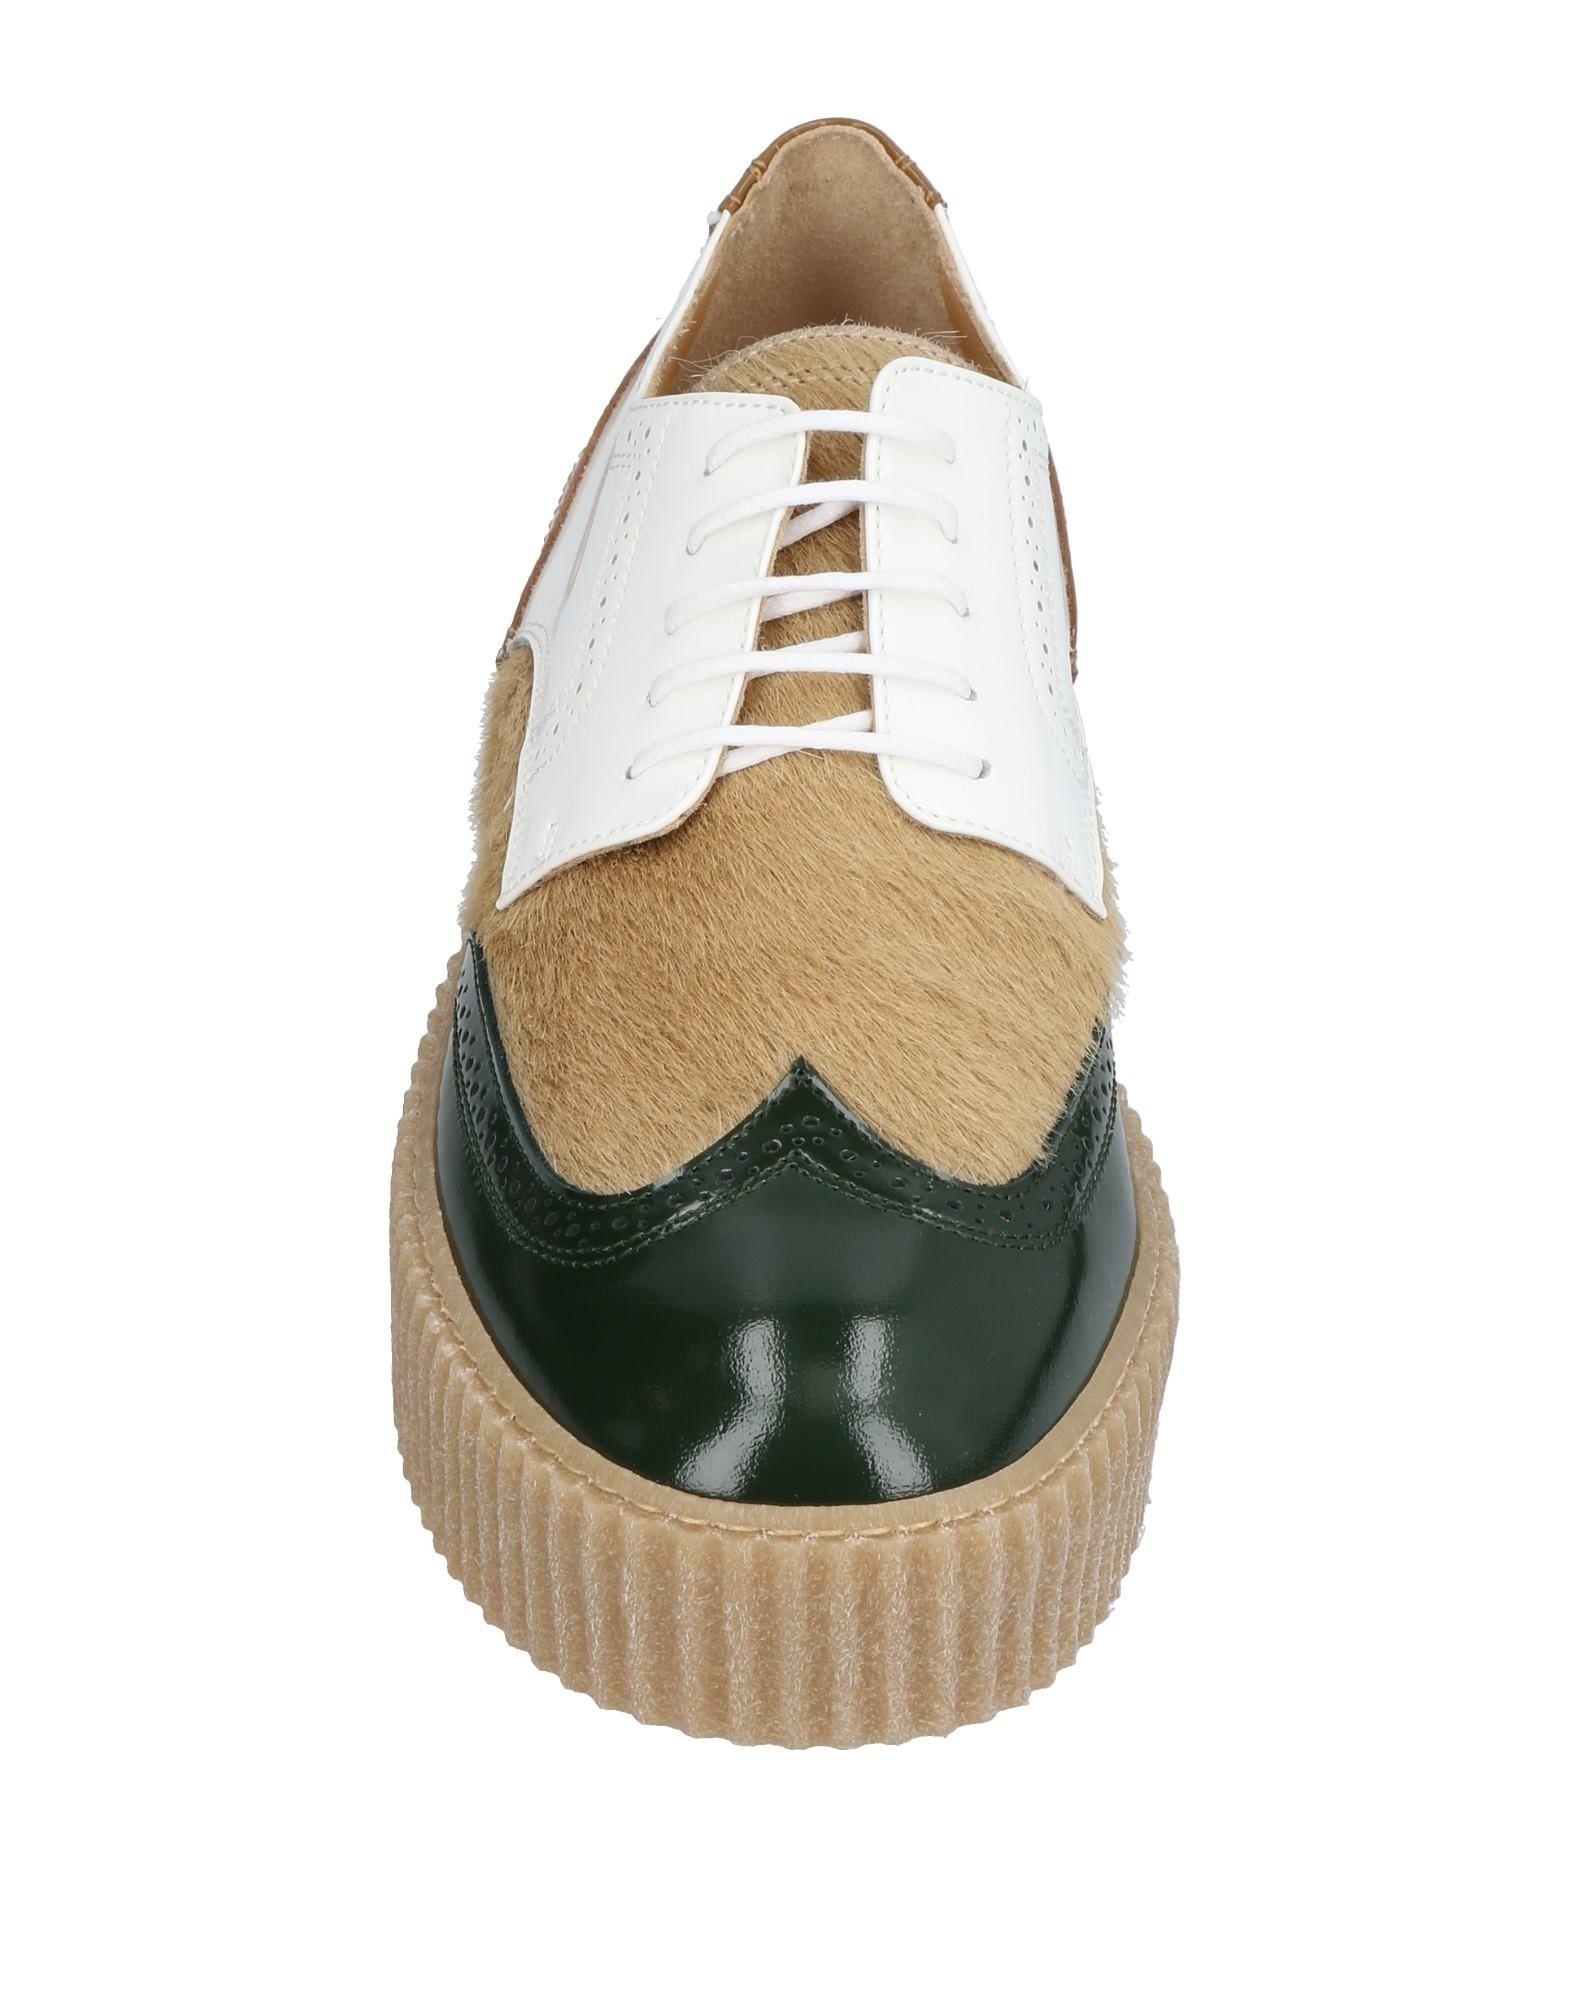 Mm6 Maison Margiela Schnürschuhe Schuhe Damen  11449097HI Neue Schuhe Schnürschuhe 43475b